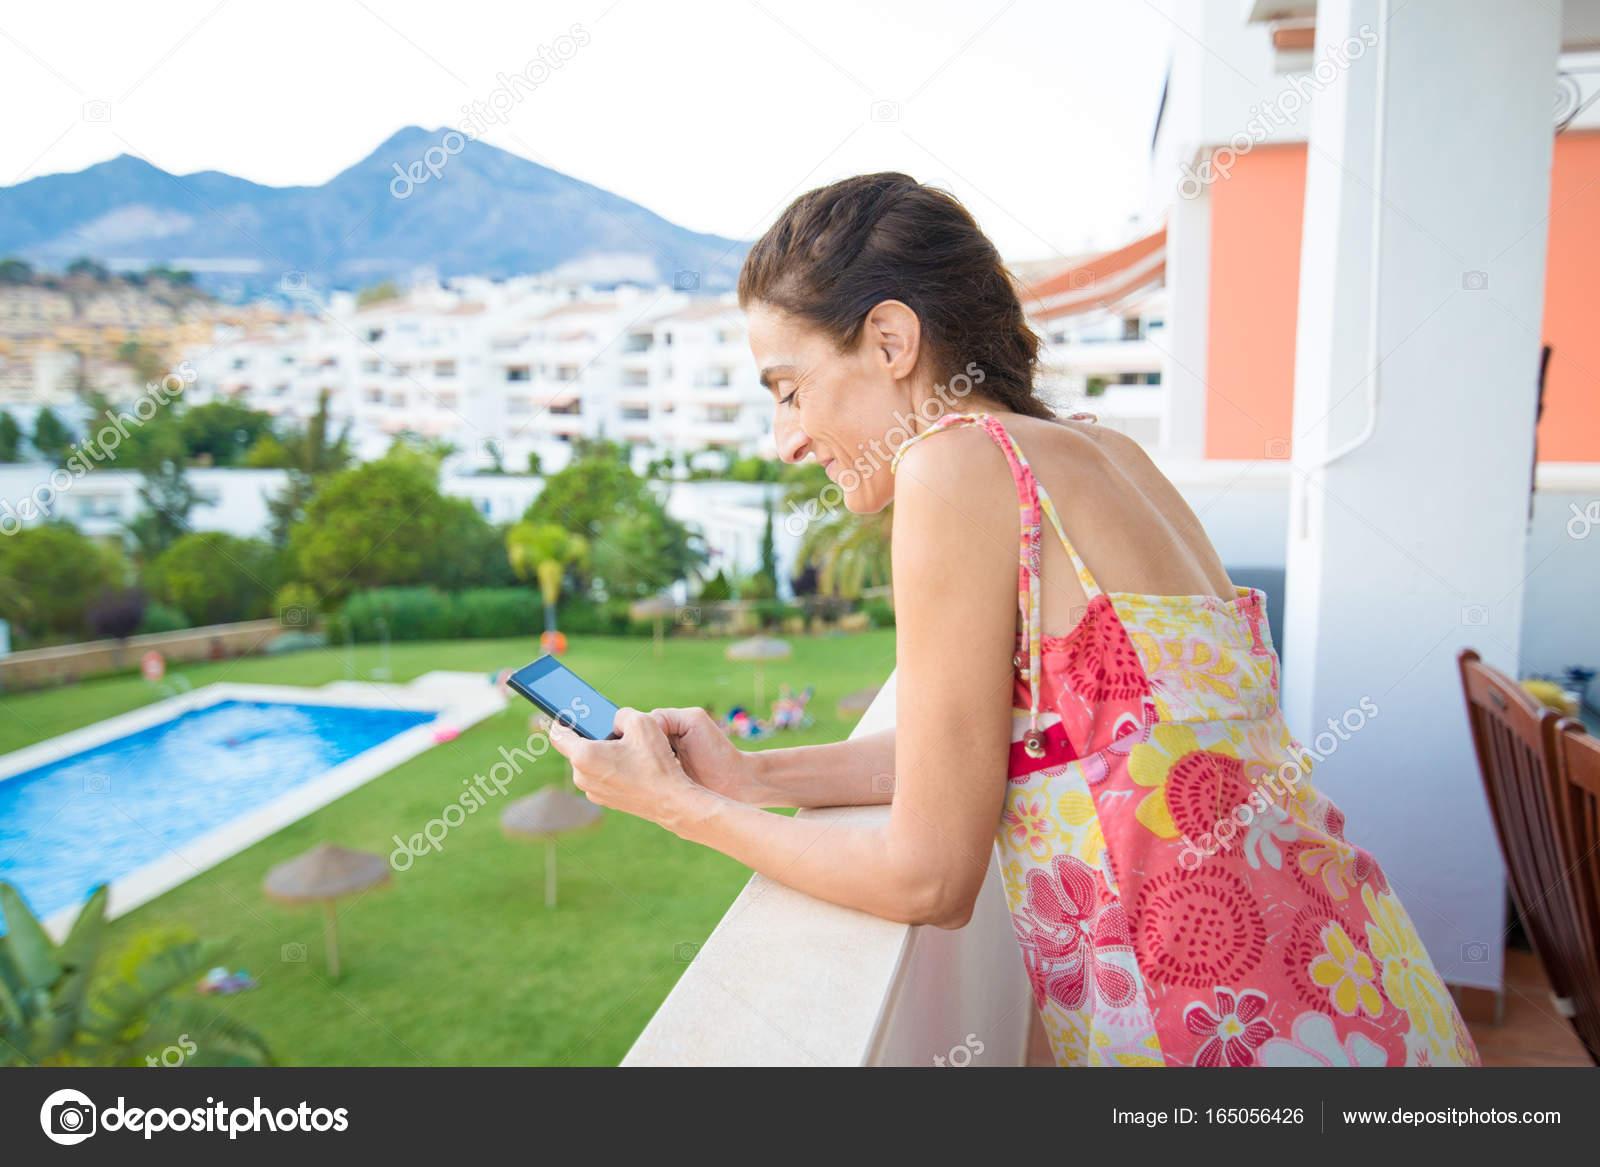 Frau Die Eingabe Auf Dem Handy Auf Der Terrasse Am Pool Stockfoto